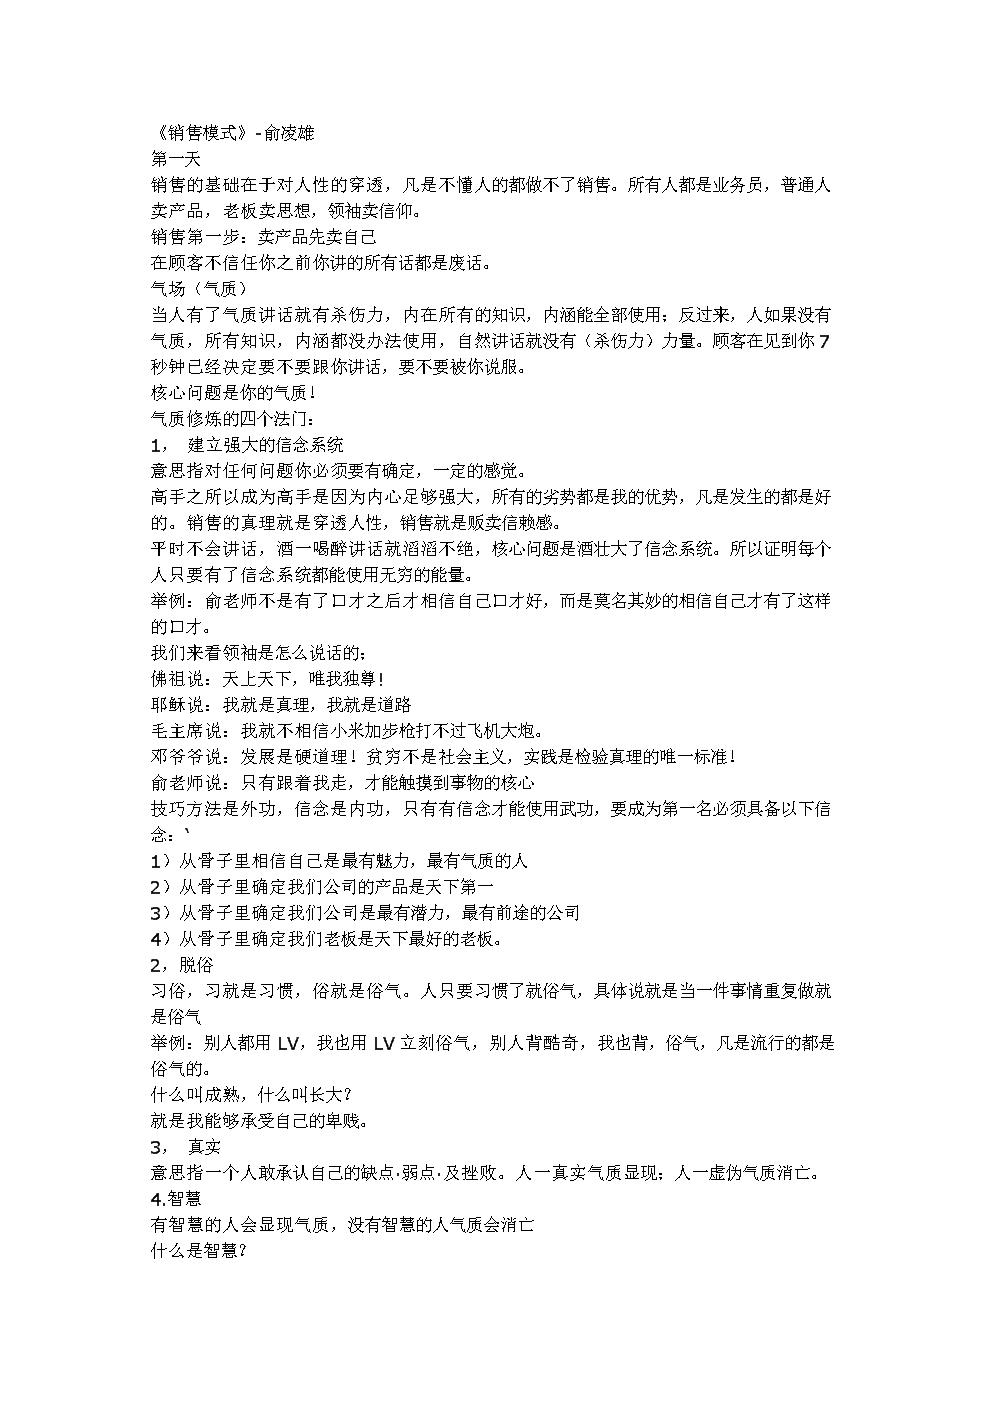 -俞凌雄-销售模式-8-25.doc